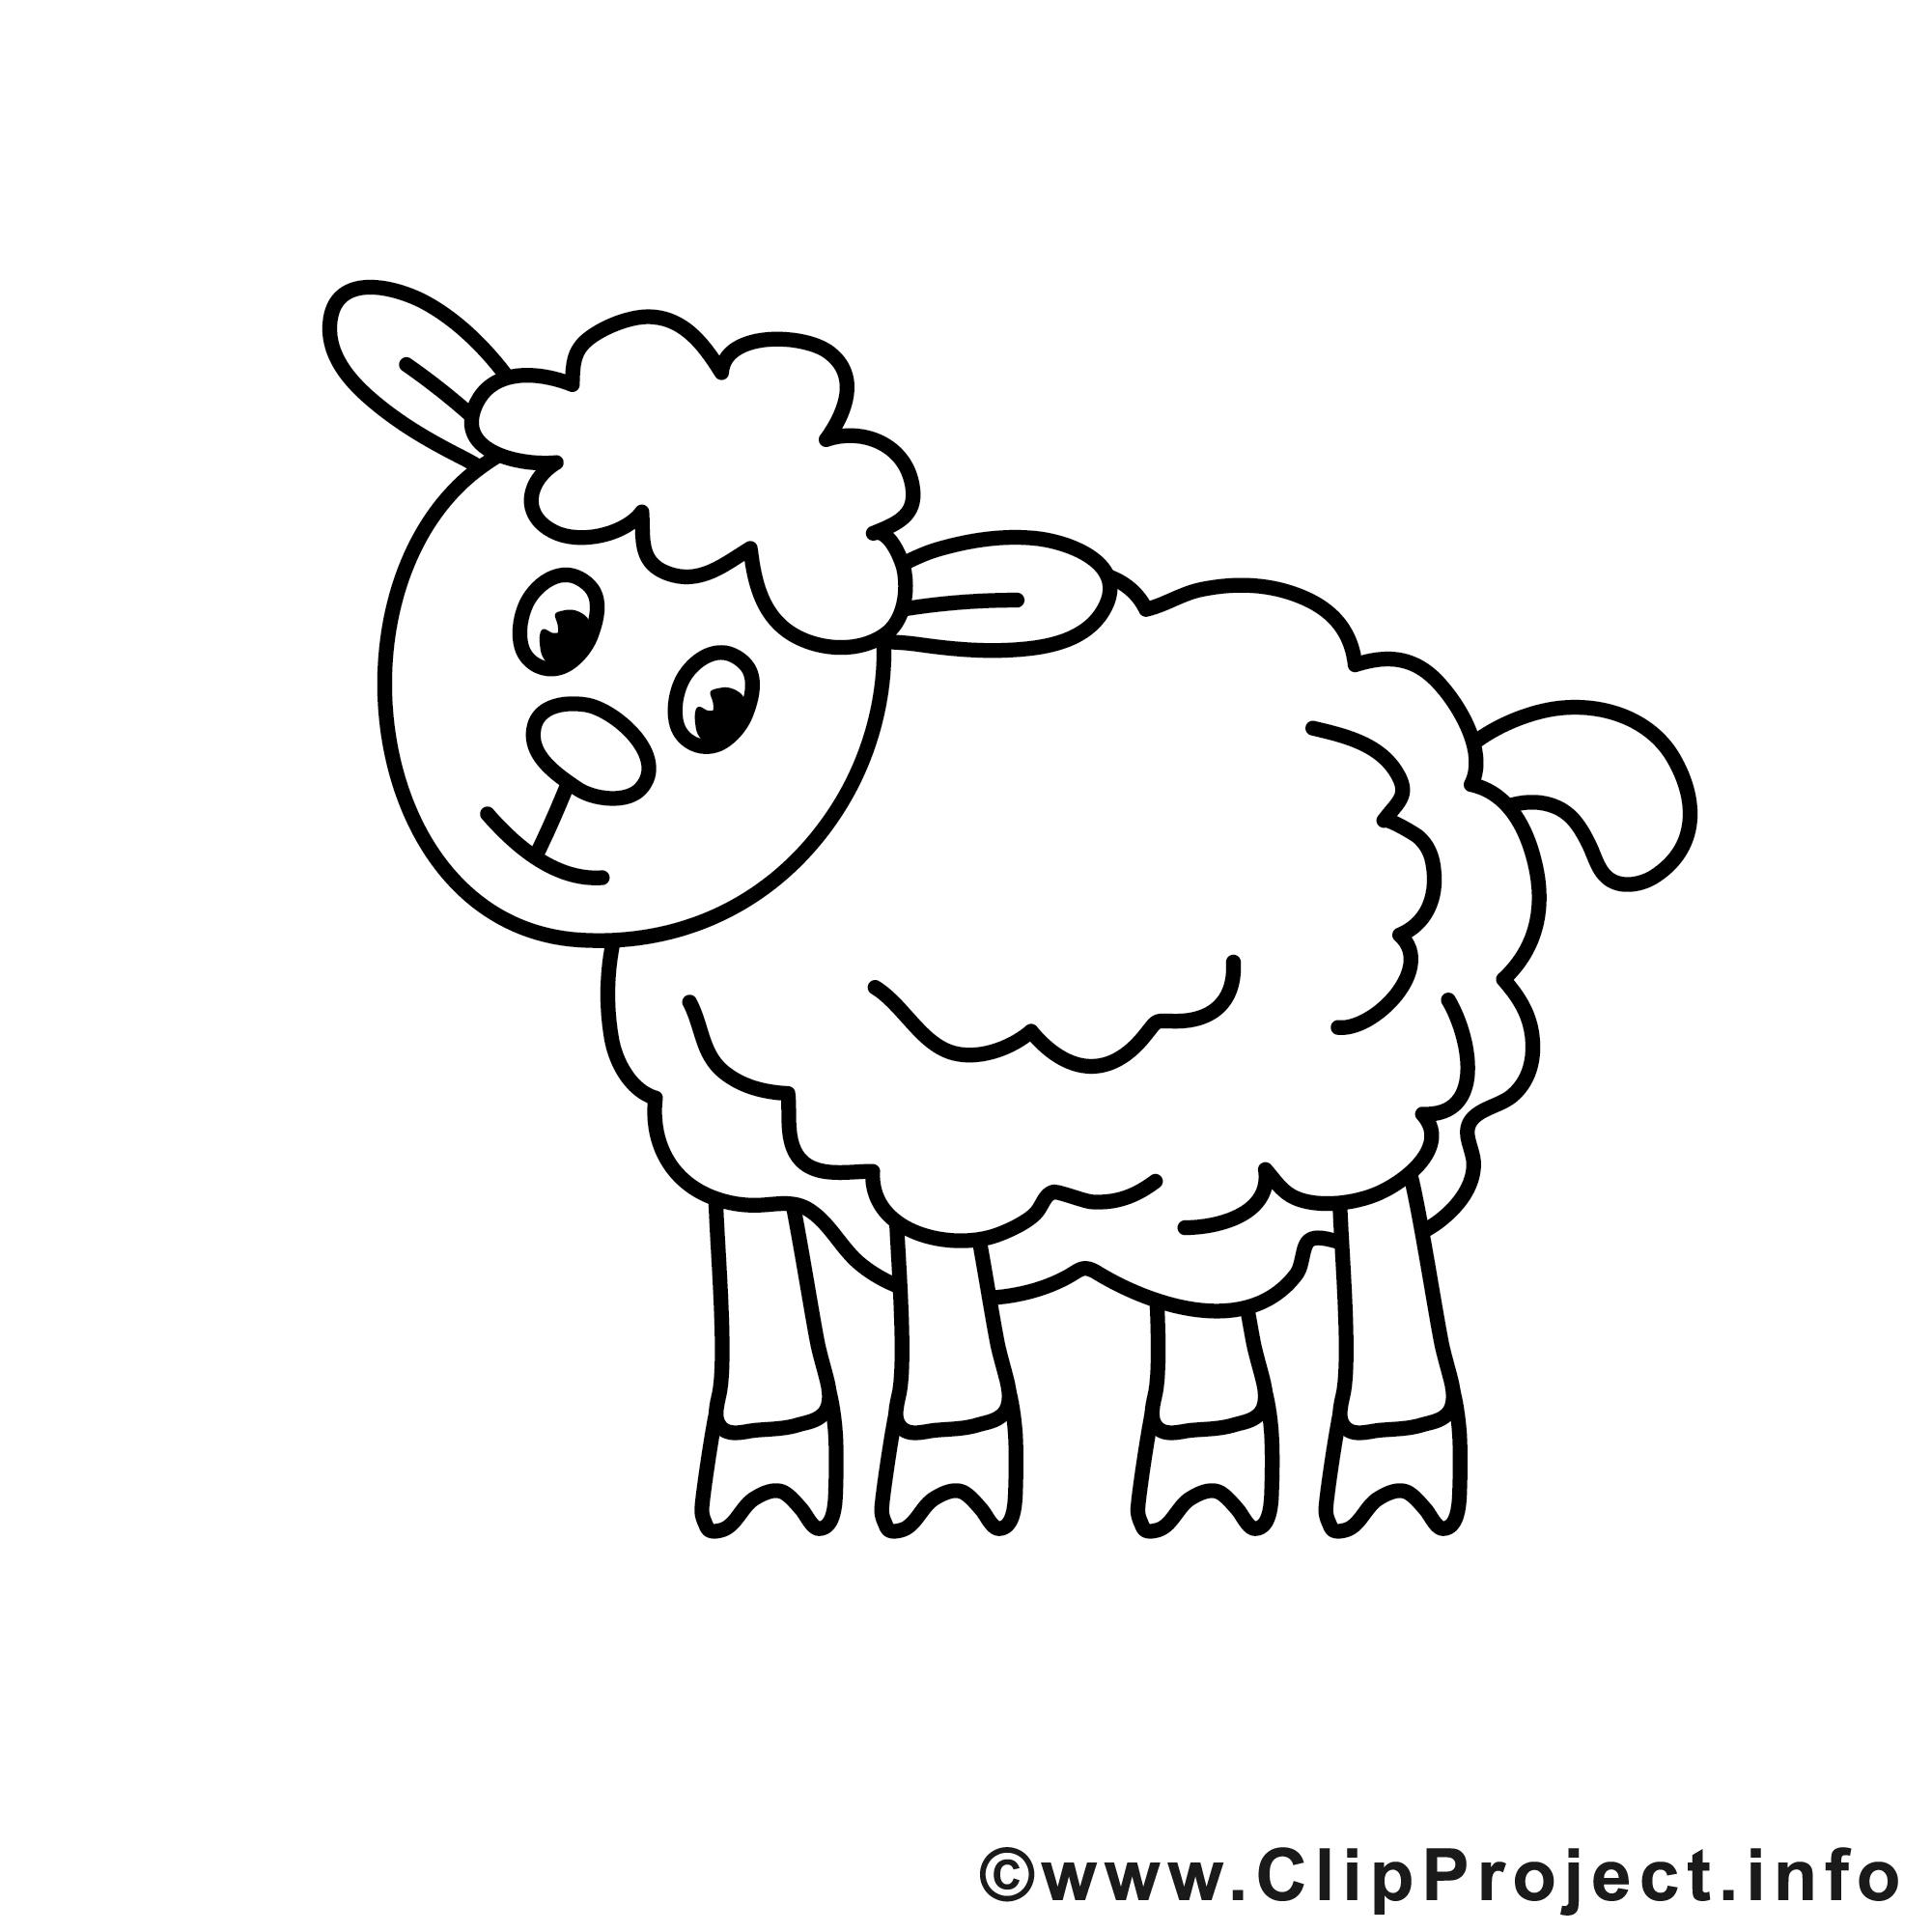 Ausmalbild Schaf Kostenlose Malvorlagen Schafe - Malvorlagen für Schaf Malen